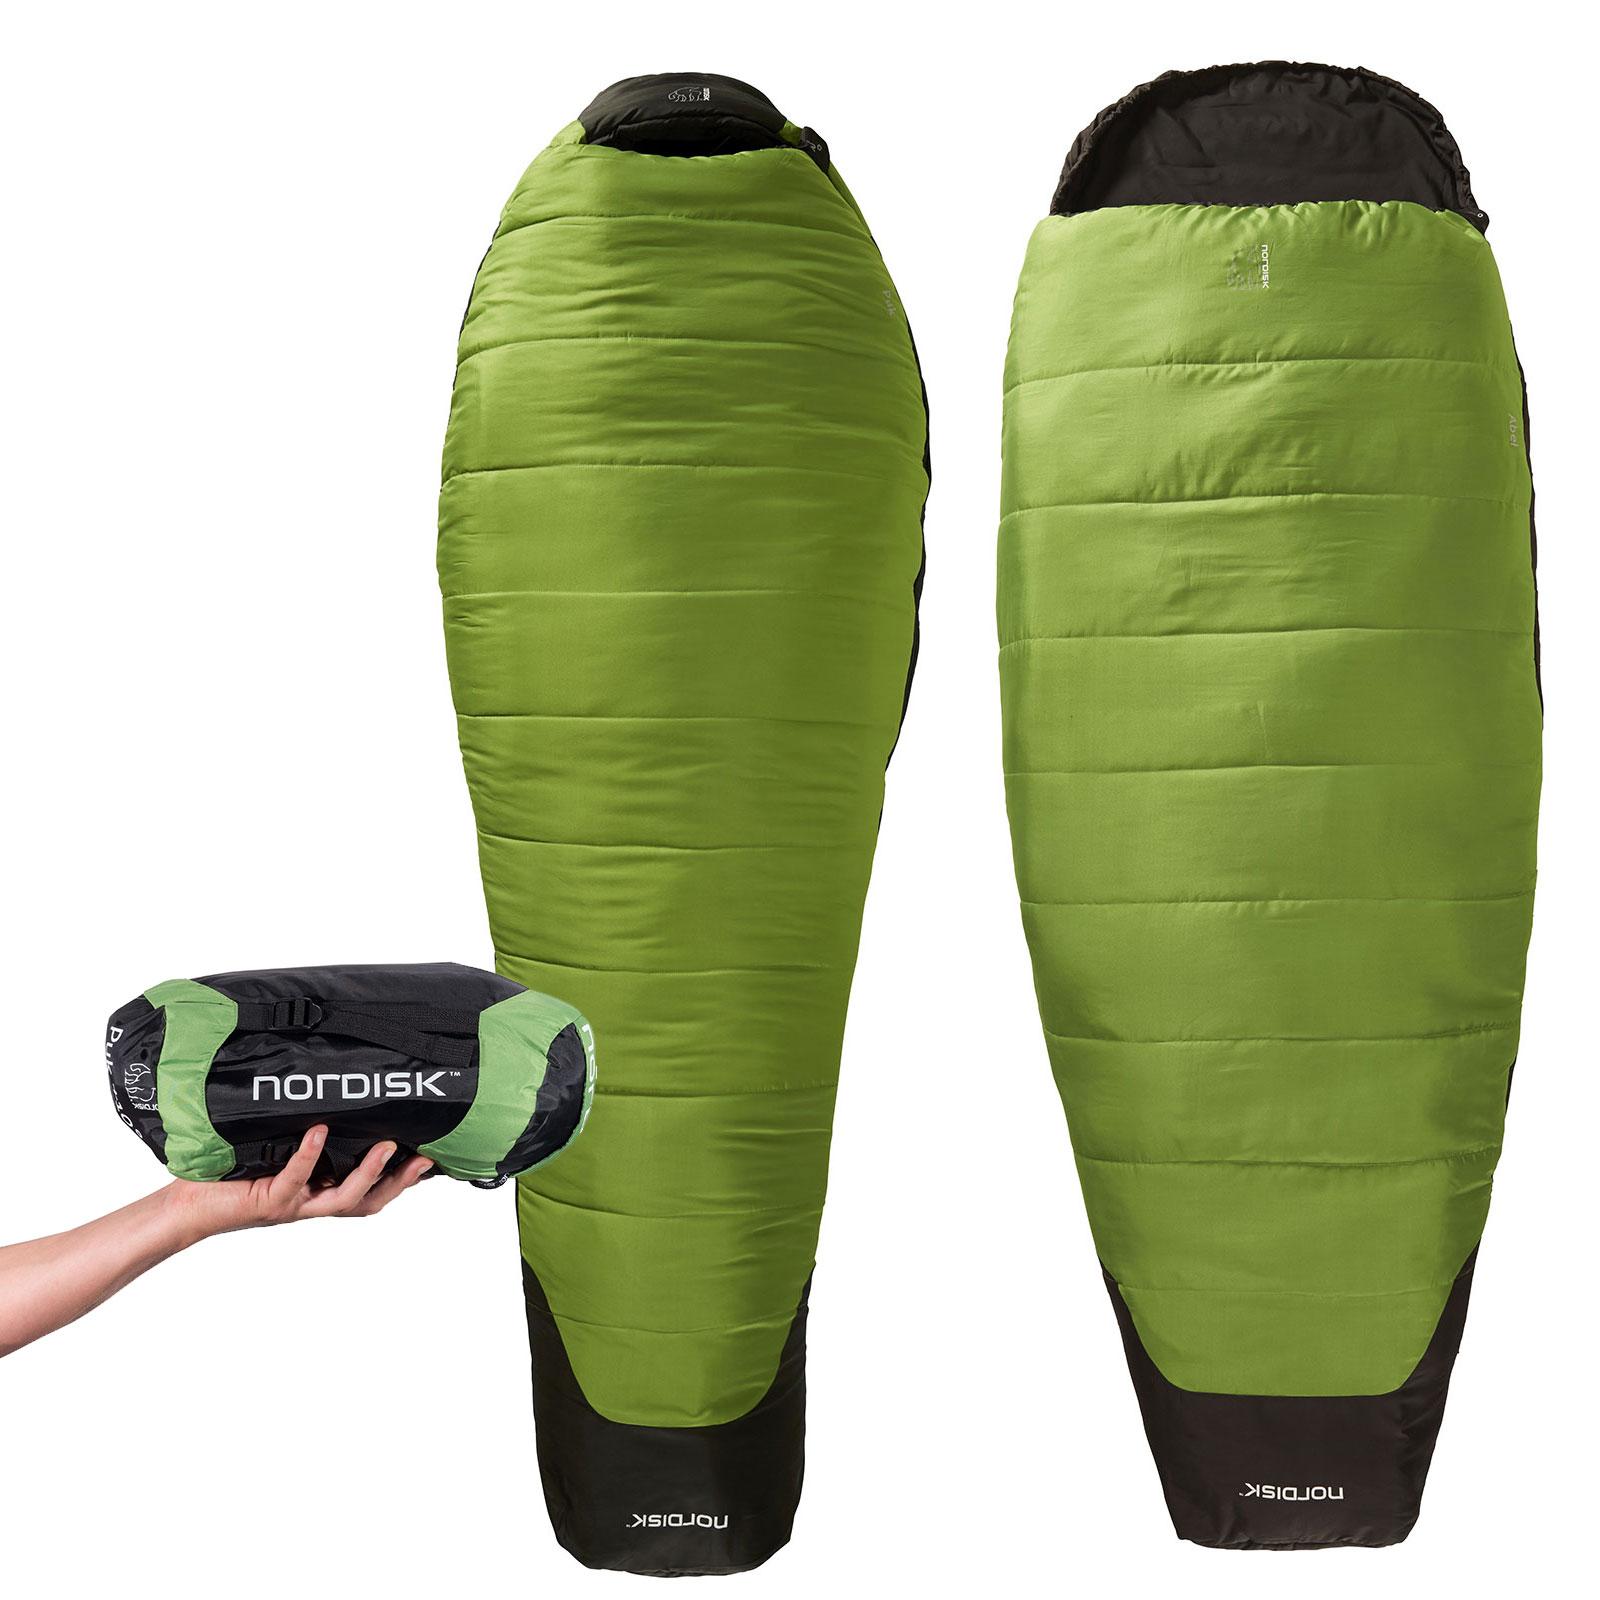 newest 3b382 42e14 Details zu NORDISK Mumienschlafsack Puk L&XL Outdoor Winter Schlafsack  Leicht Biwak -20 °C